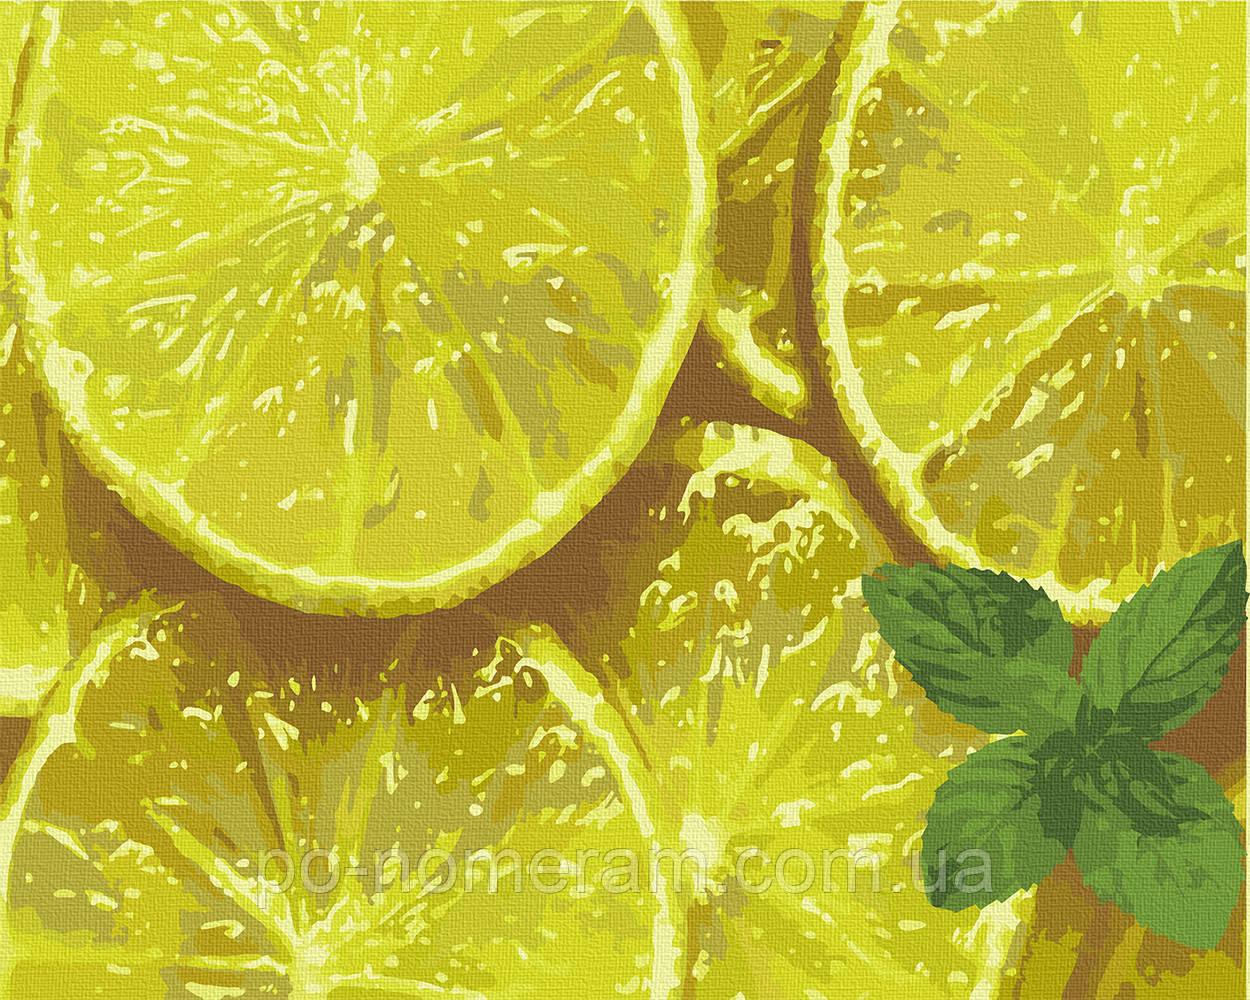 Картина по номерам ArtCraft Мятный цитрус (12014-AC) 40 х 50 см (Без коробки)